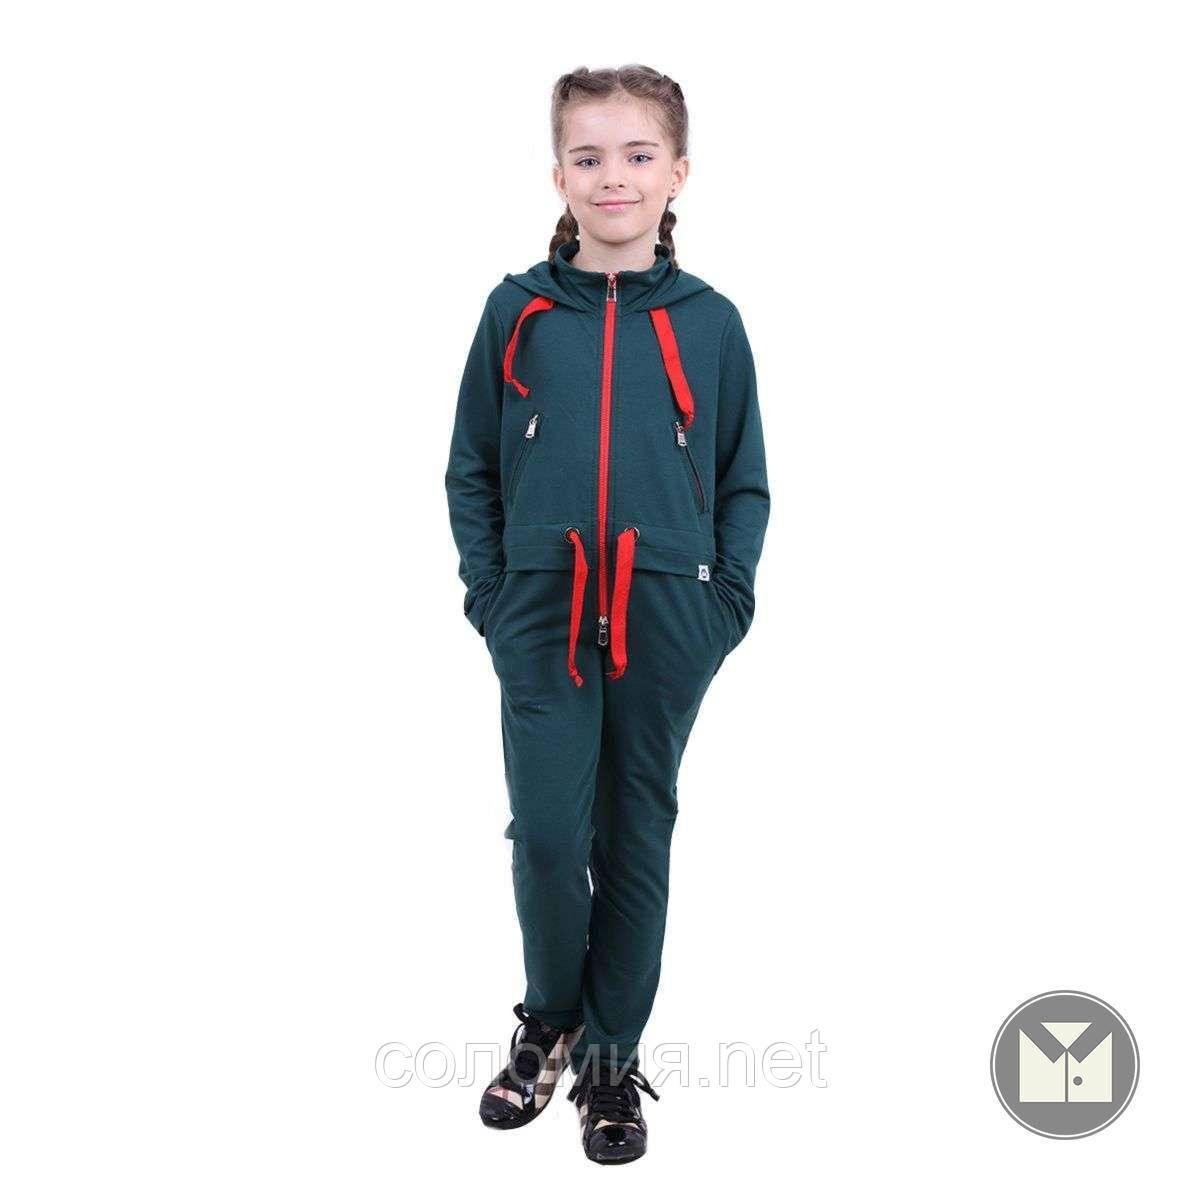 Модный Комбинезон с карманами для девочки 122-152р